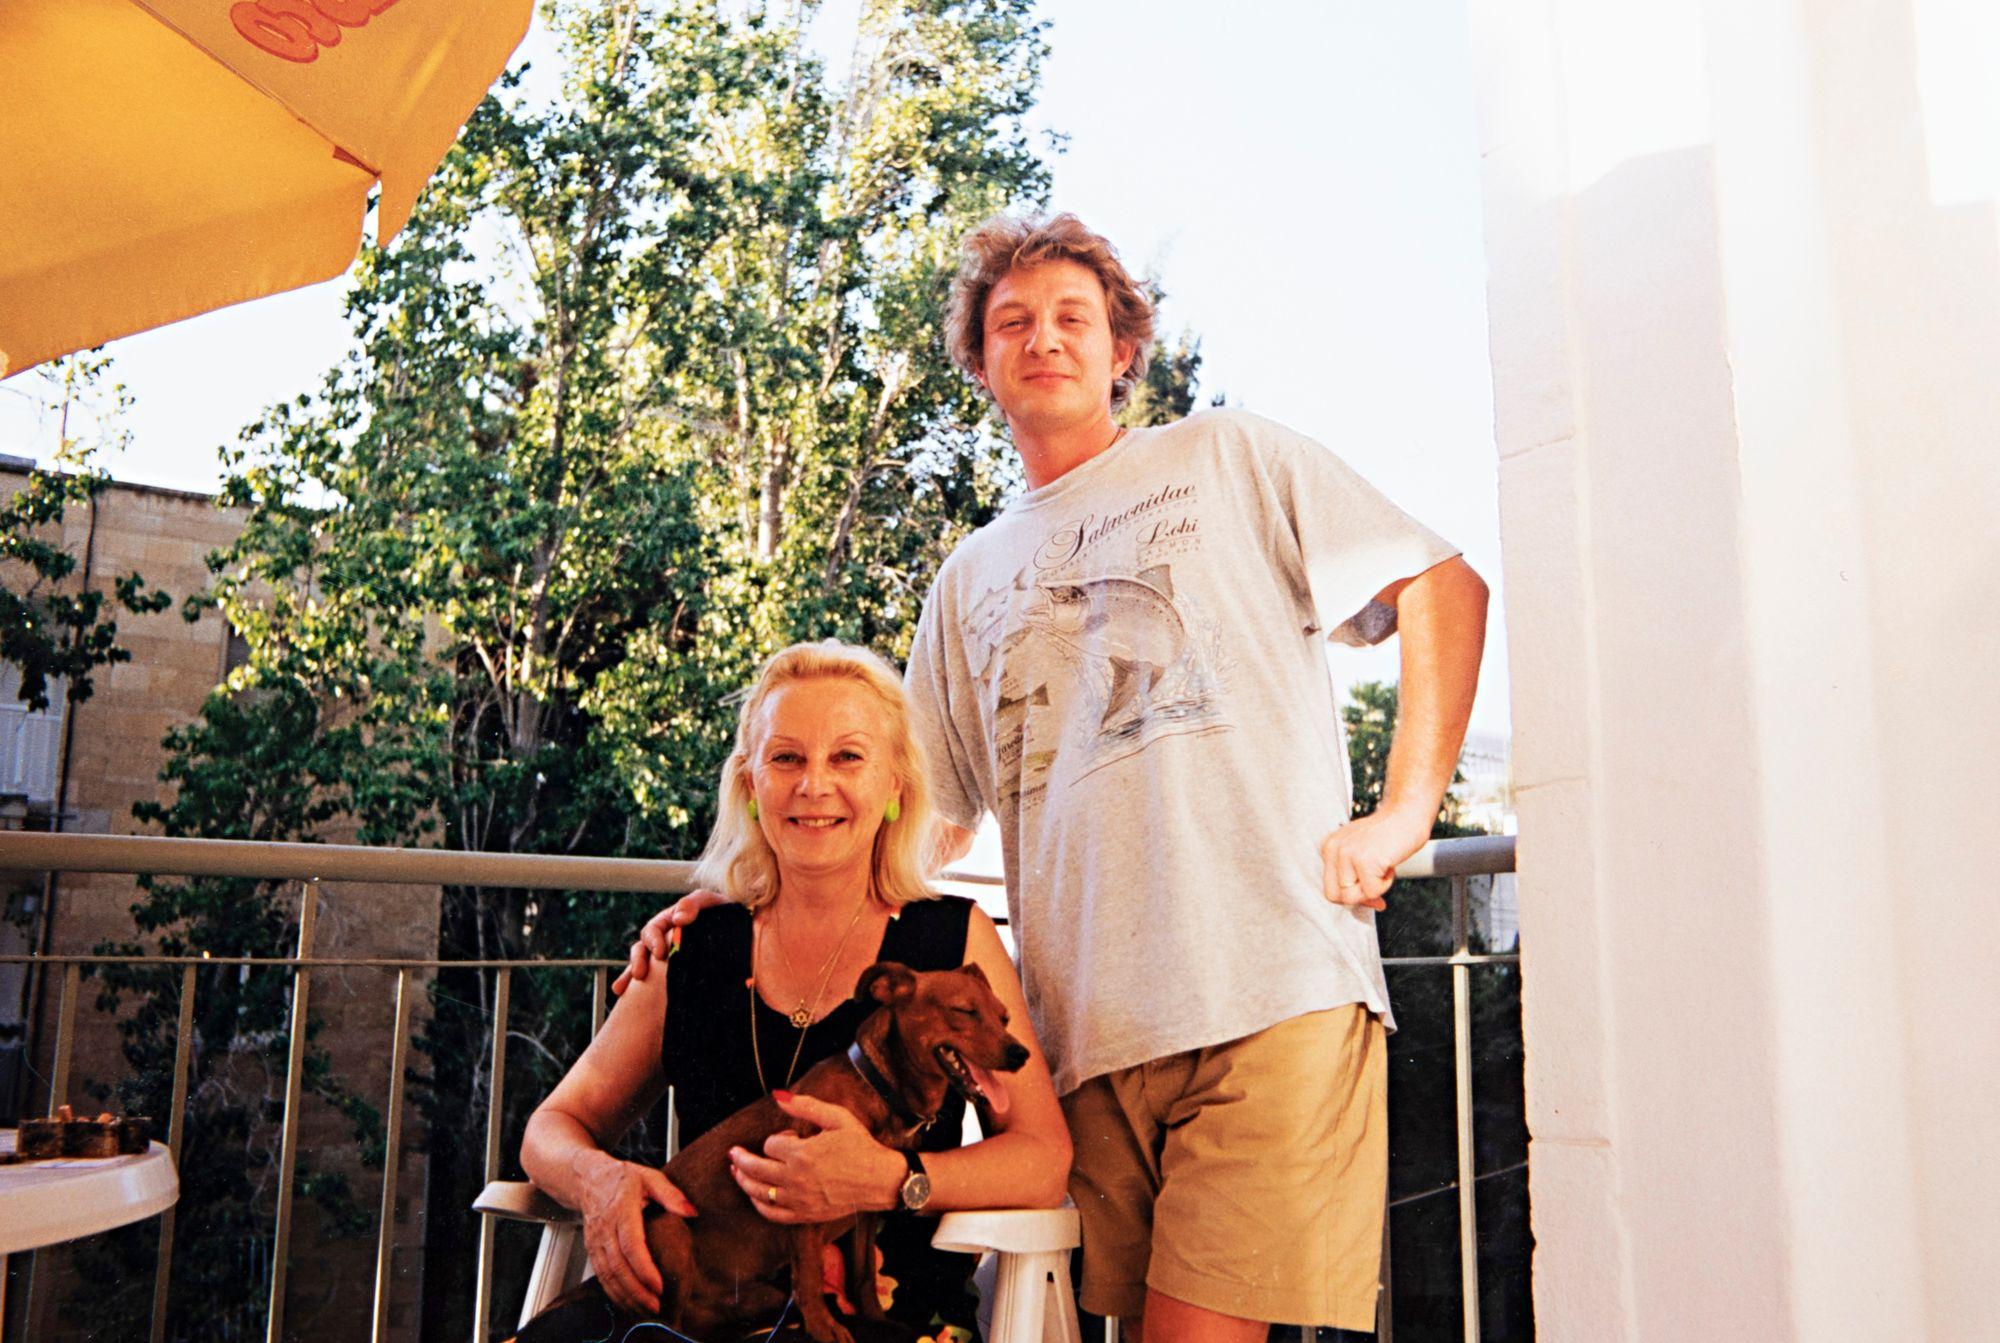 80-luvulla Seela vietti perheensä kanssa paljon aikaa heidän kakkosasunnossaan Jerusalemissa. Kuvassa Ariel-poika ja Max-koira.